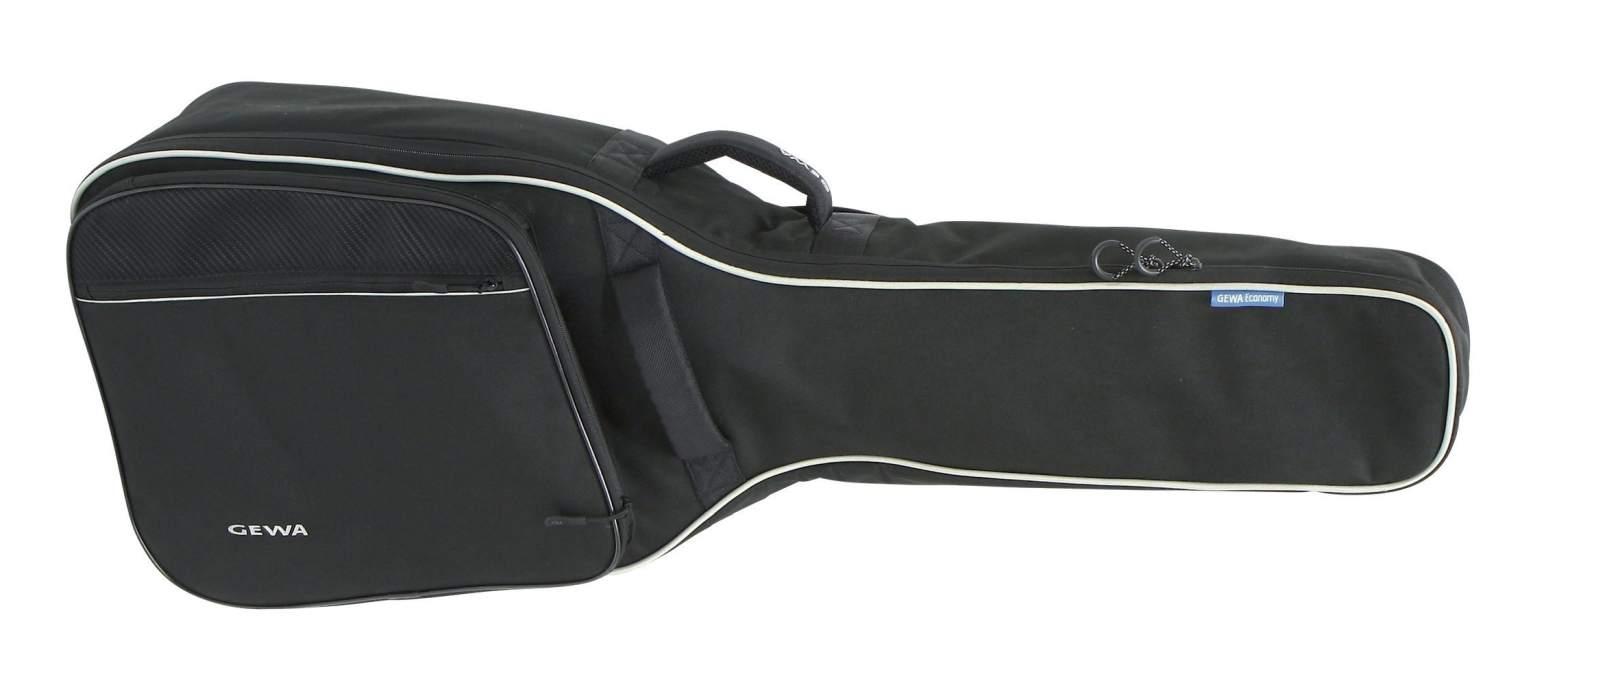 Gewa Gigbag E-Gitarren Eco